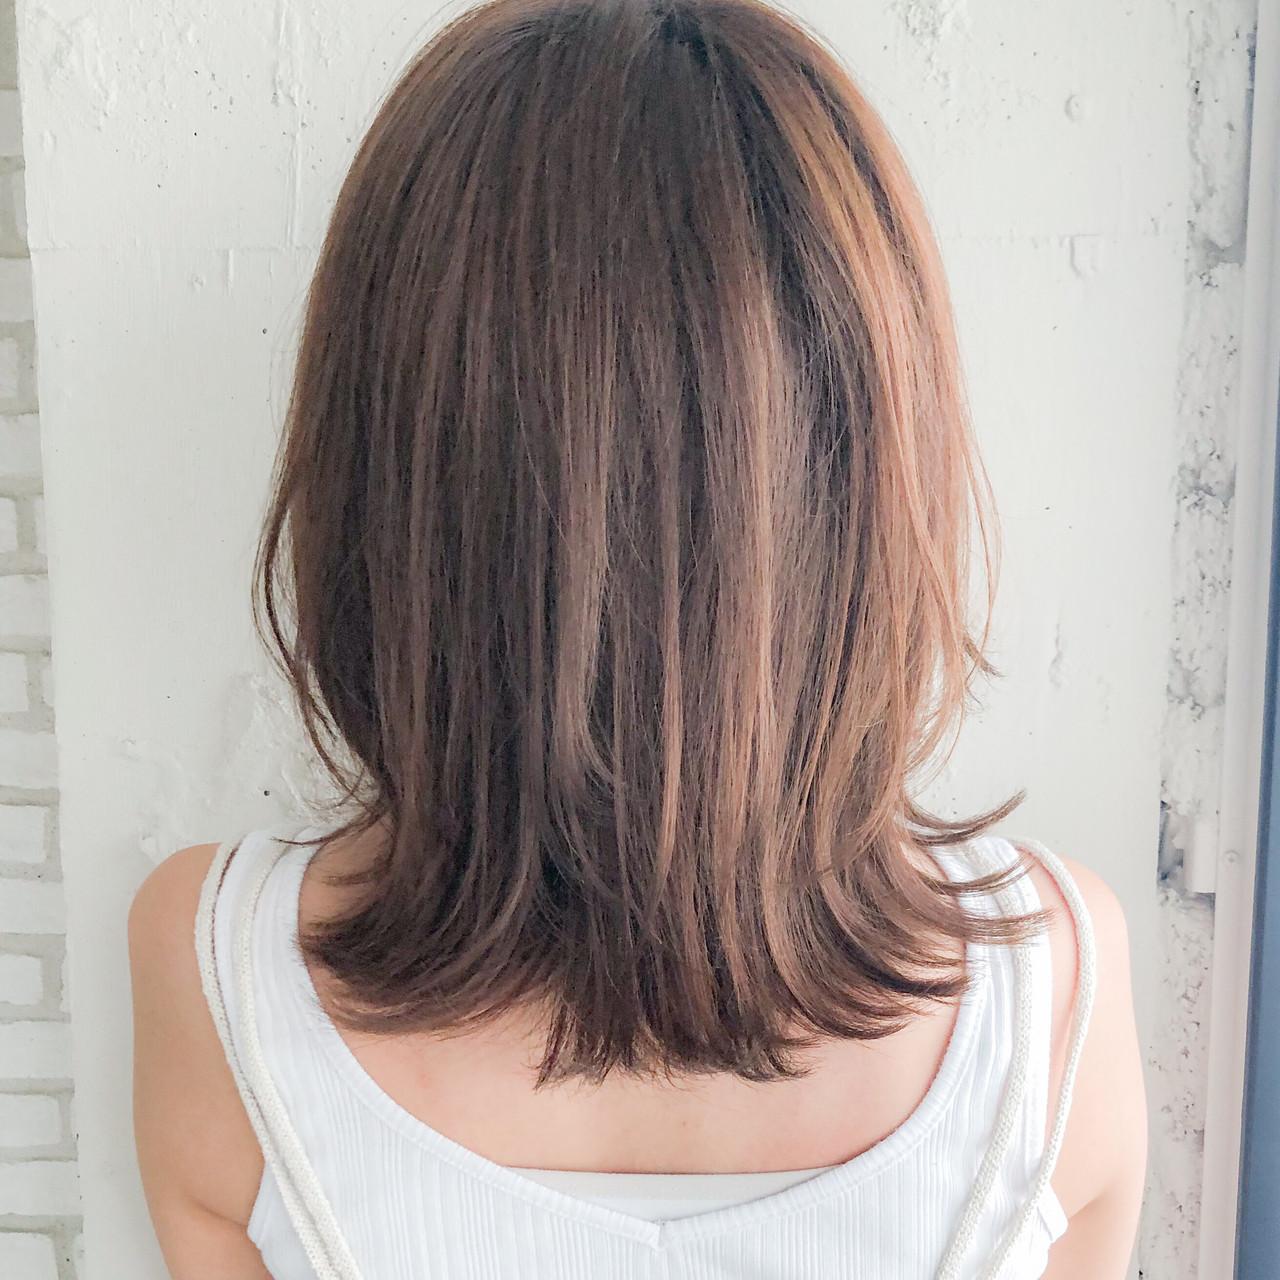 大人かわいい ミルクティーブラウン アッシュグレージュ 前髪ヘアスタイルや髪型の写真・画像